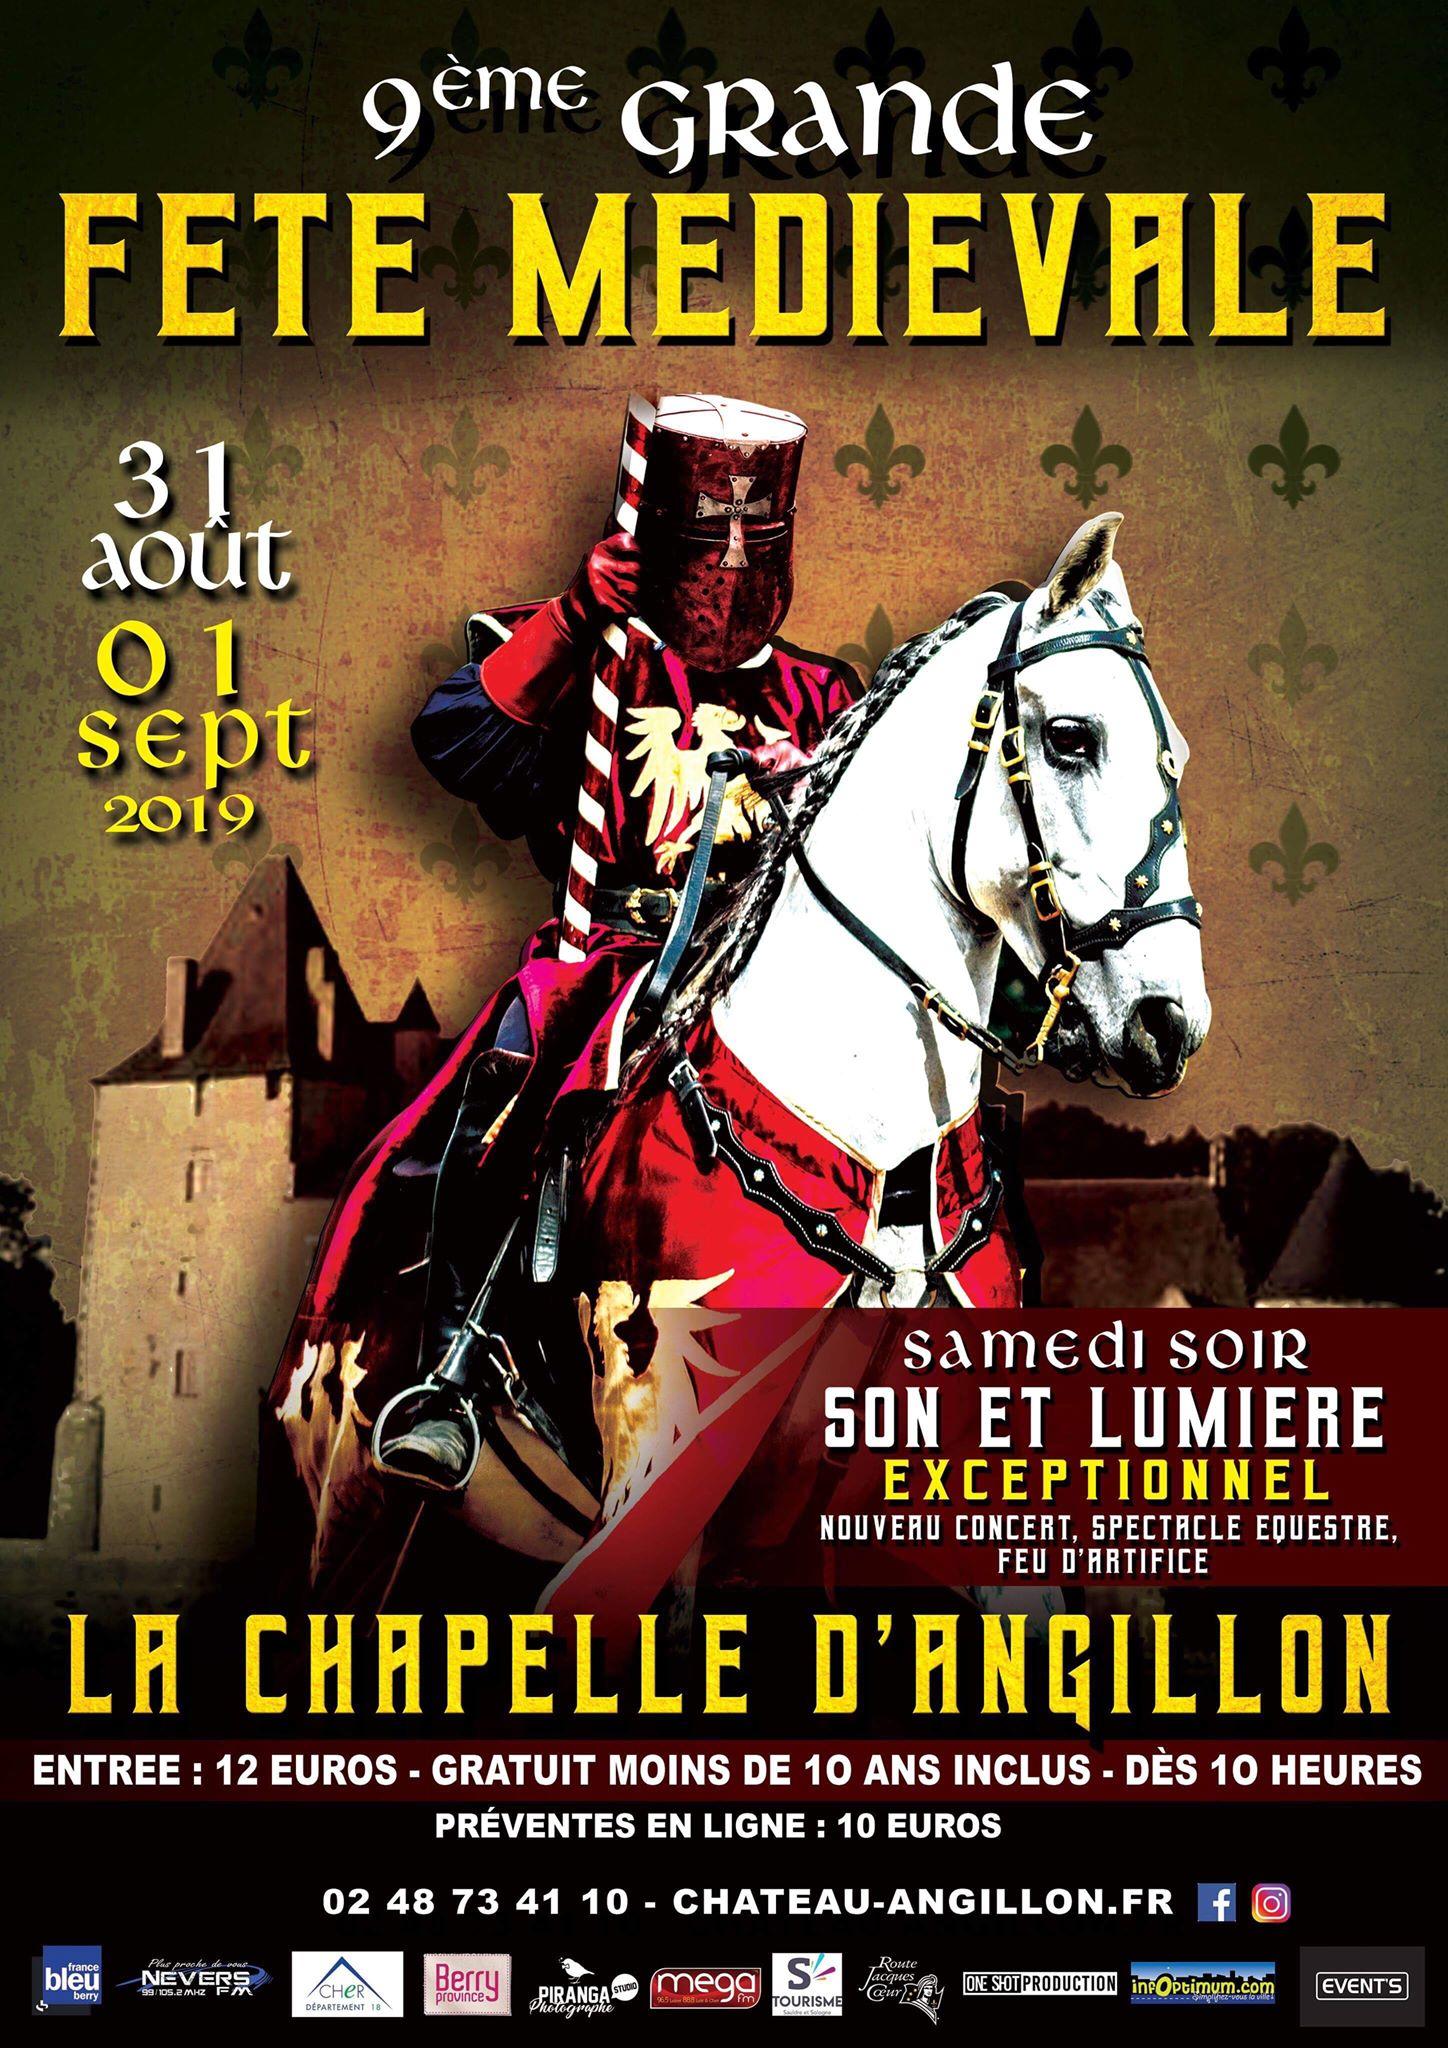 Calendrier Fete Medievale.Fete Medievale